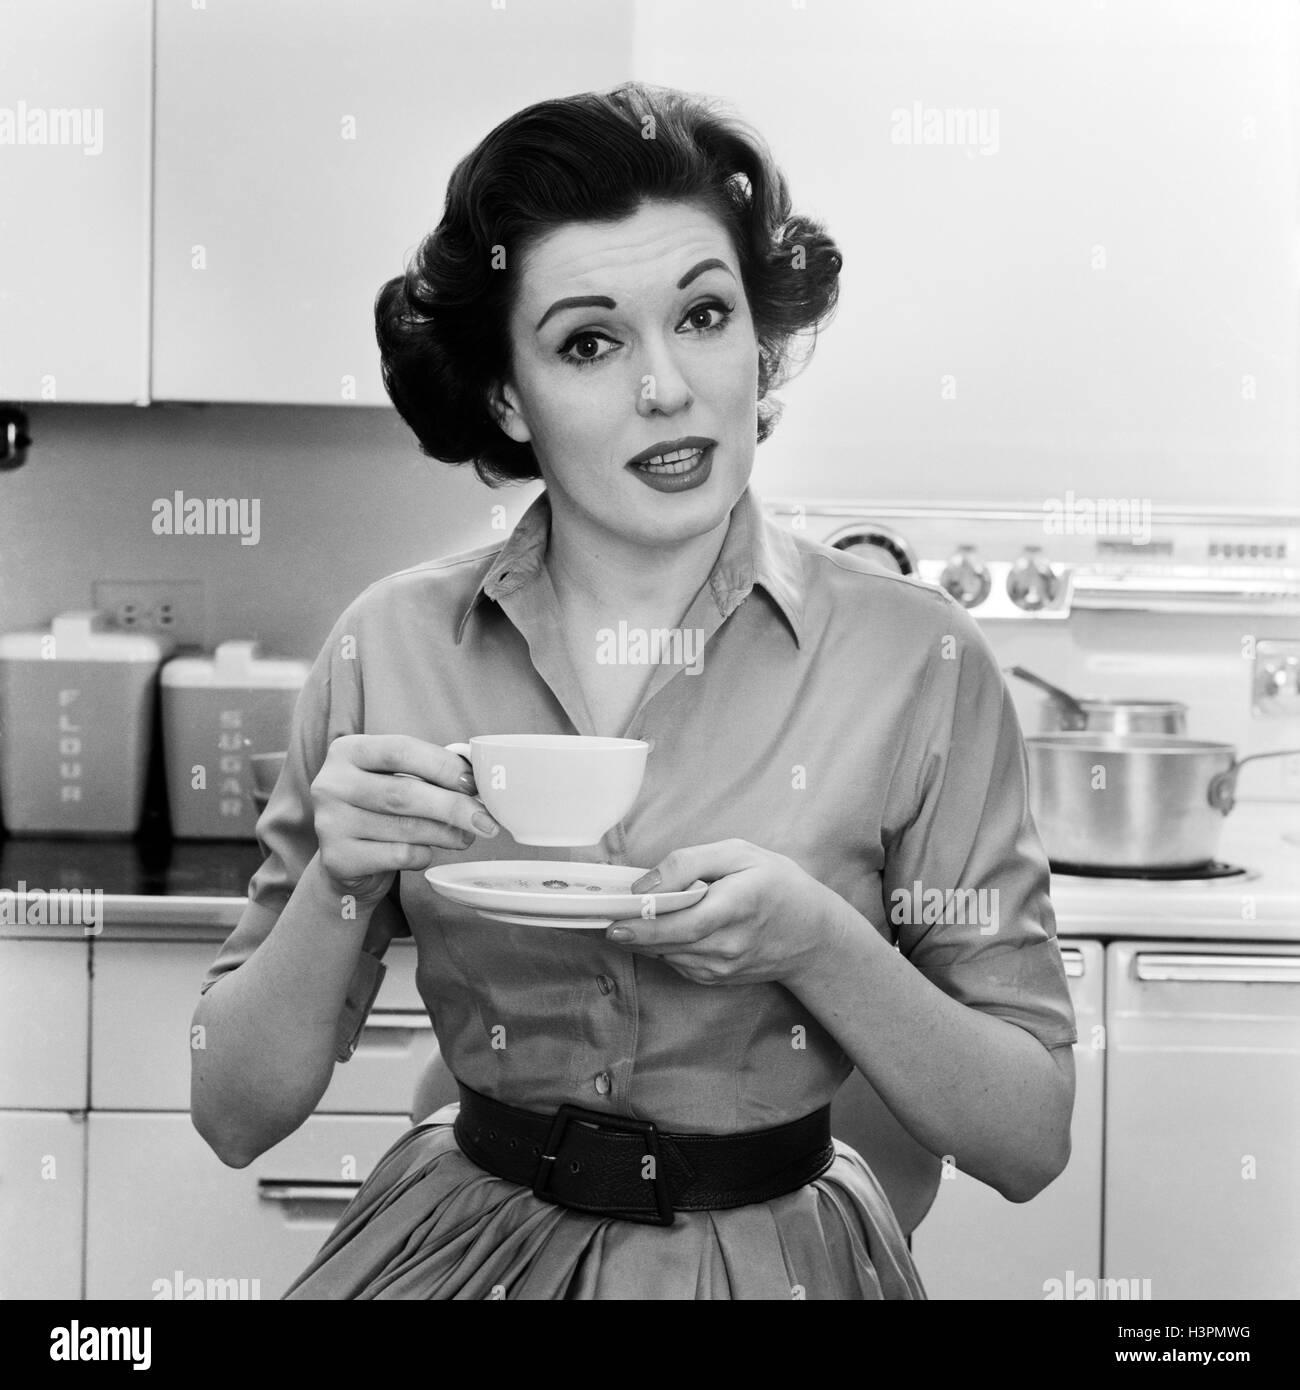 1950S 1960S PORTRAIT FRAU HAUSFRAU IN KÜCHE TRINKEN TASSE KAFFEE SPRECHEN, BLICK IN DIE KAMERA Stockbild